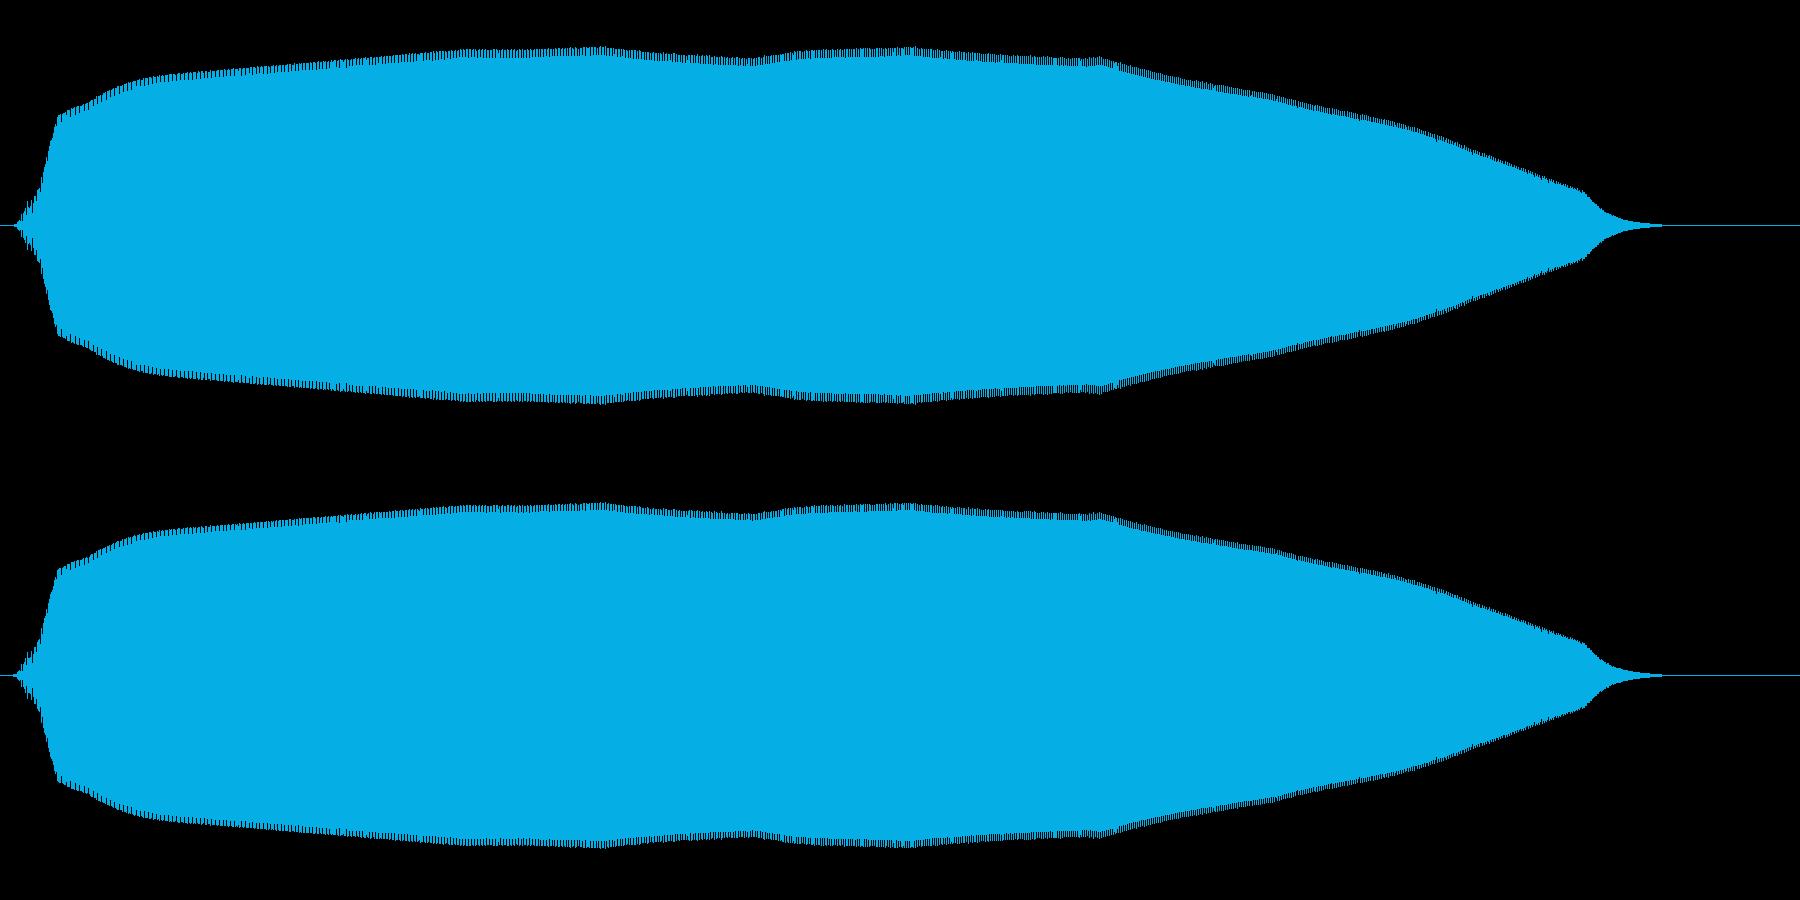 ヒュウーン(落下する物体の効果音)の再生済みの波形